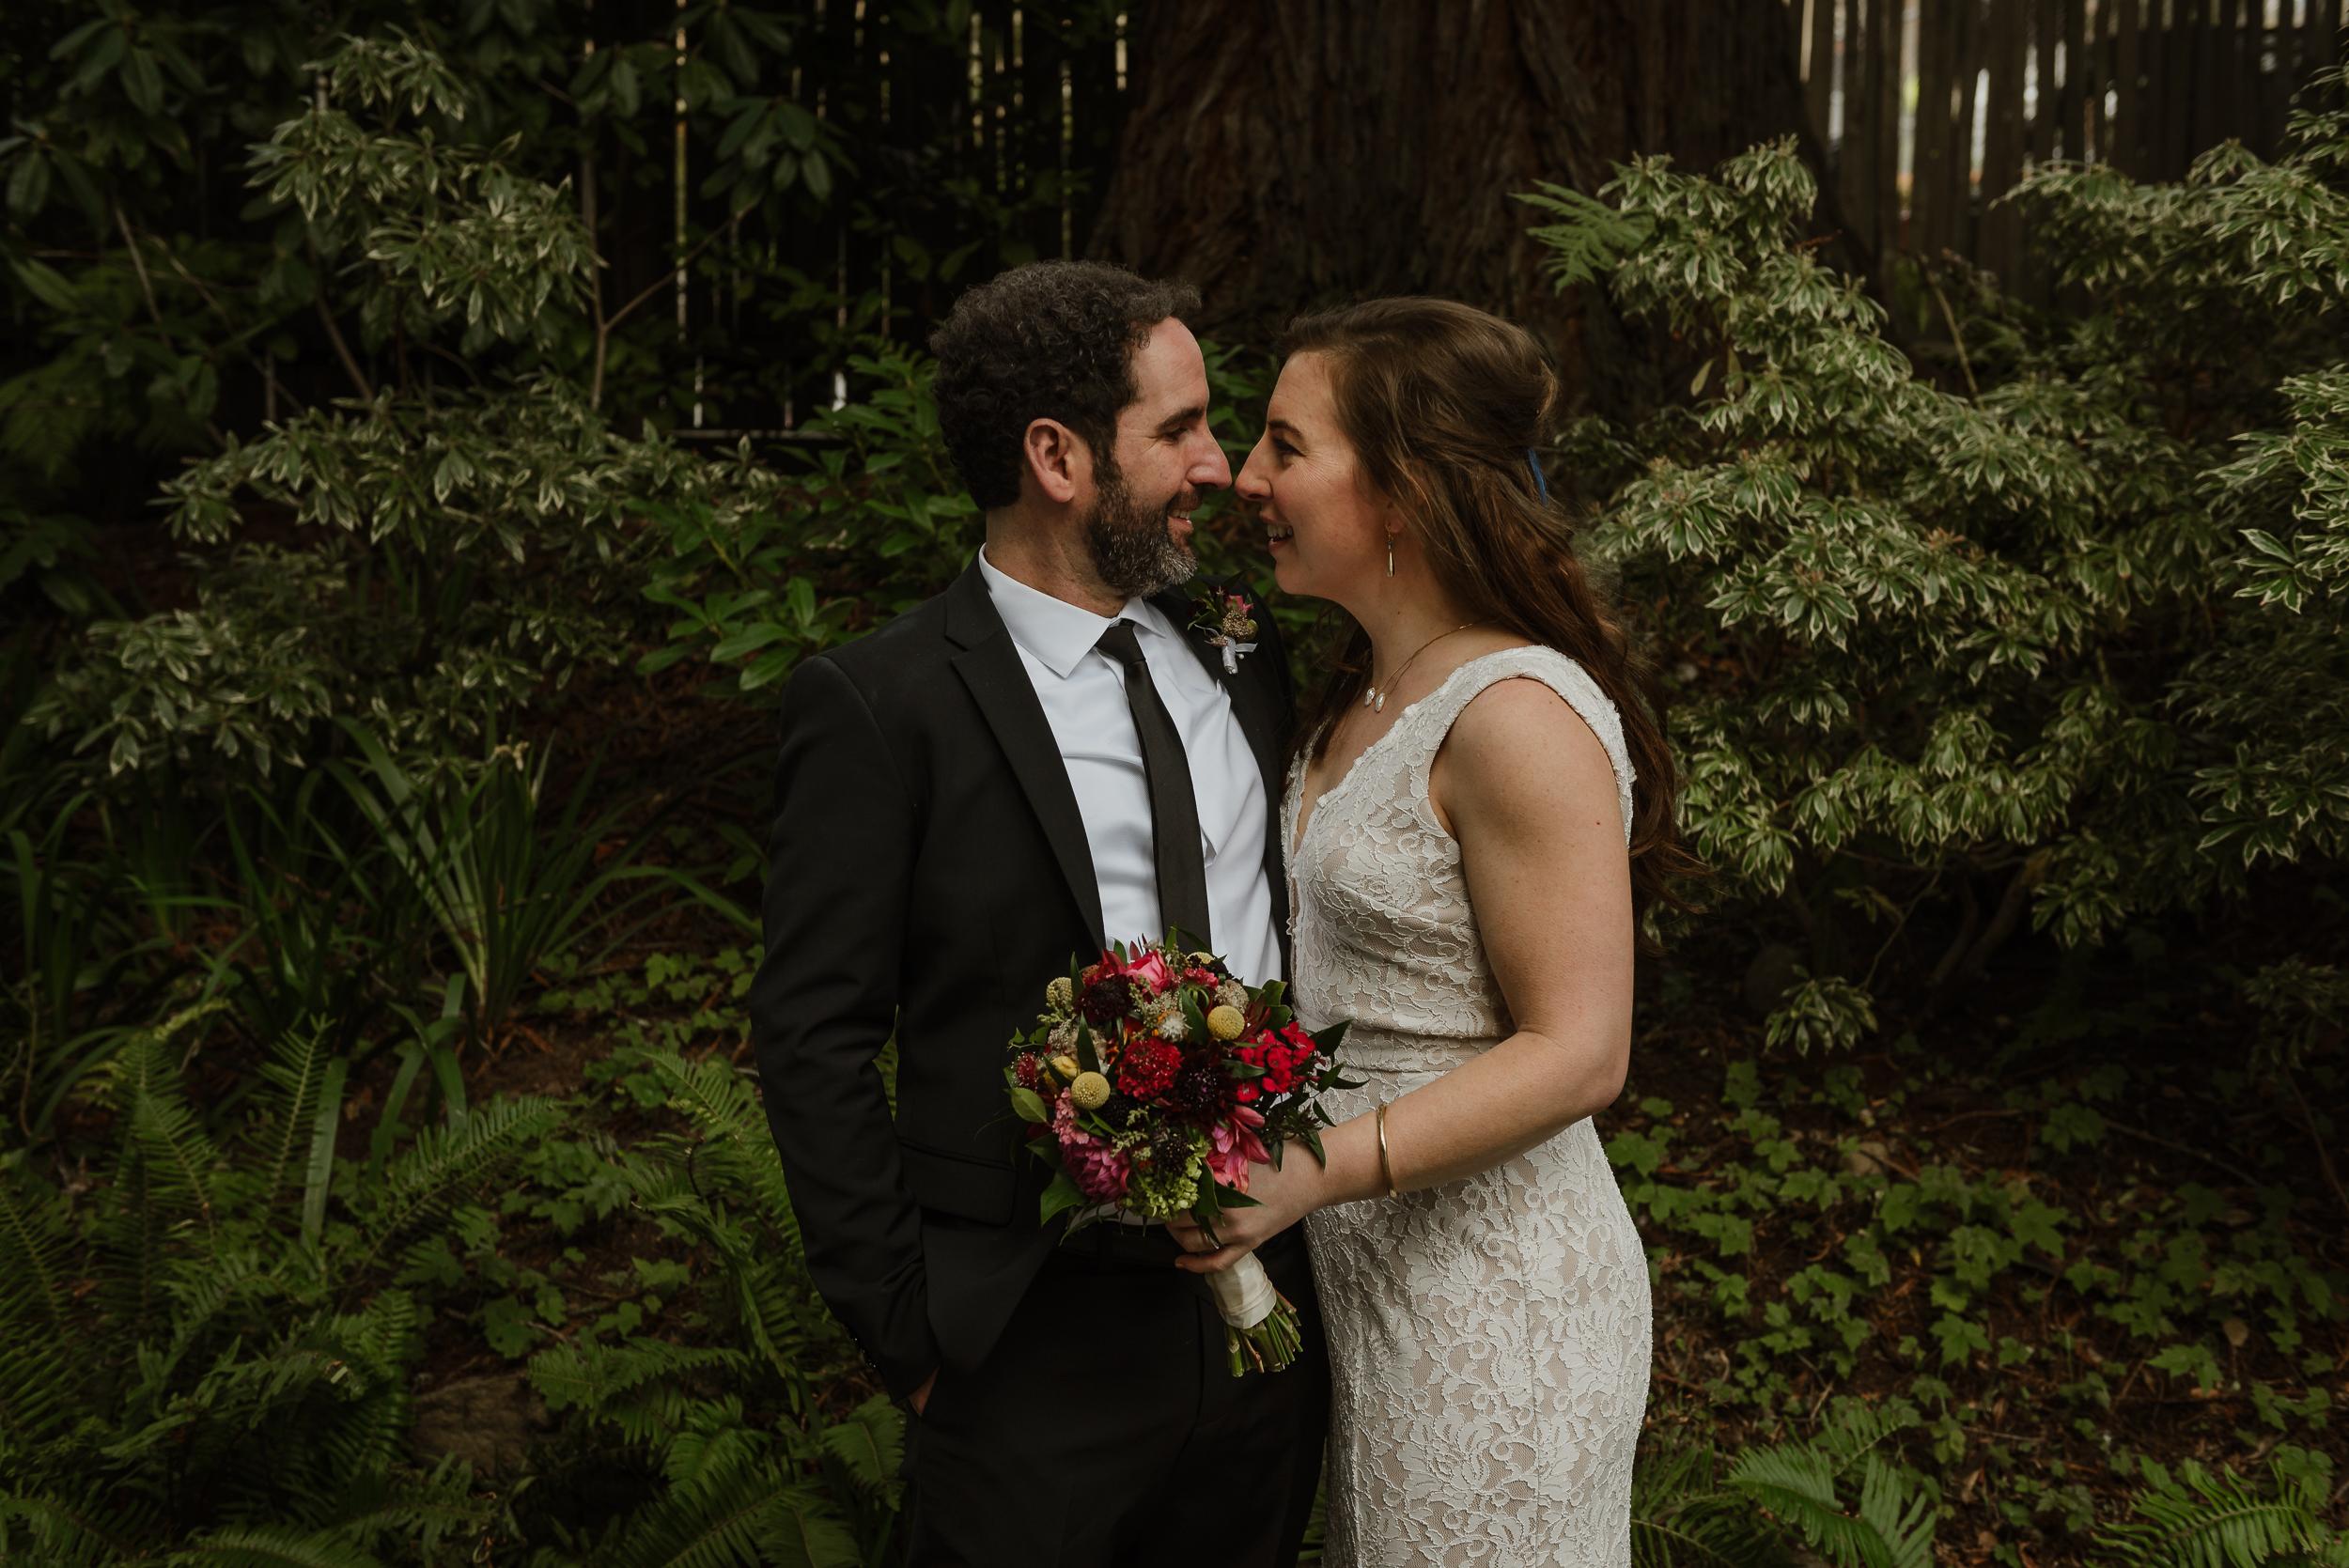 049winter-mill-valley-wedding-outdoor-art-club-wedding-vivianchen-250.jpg